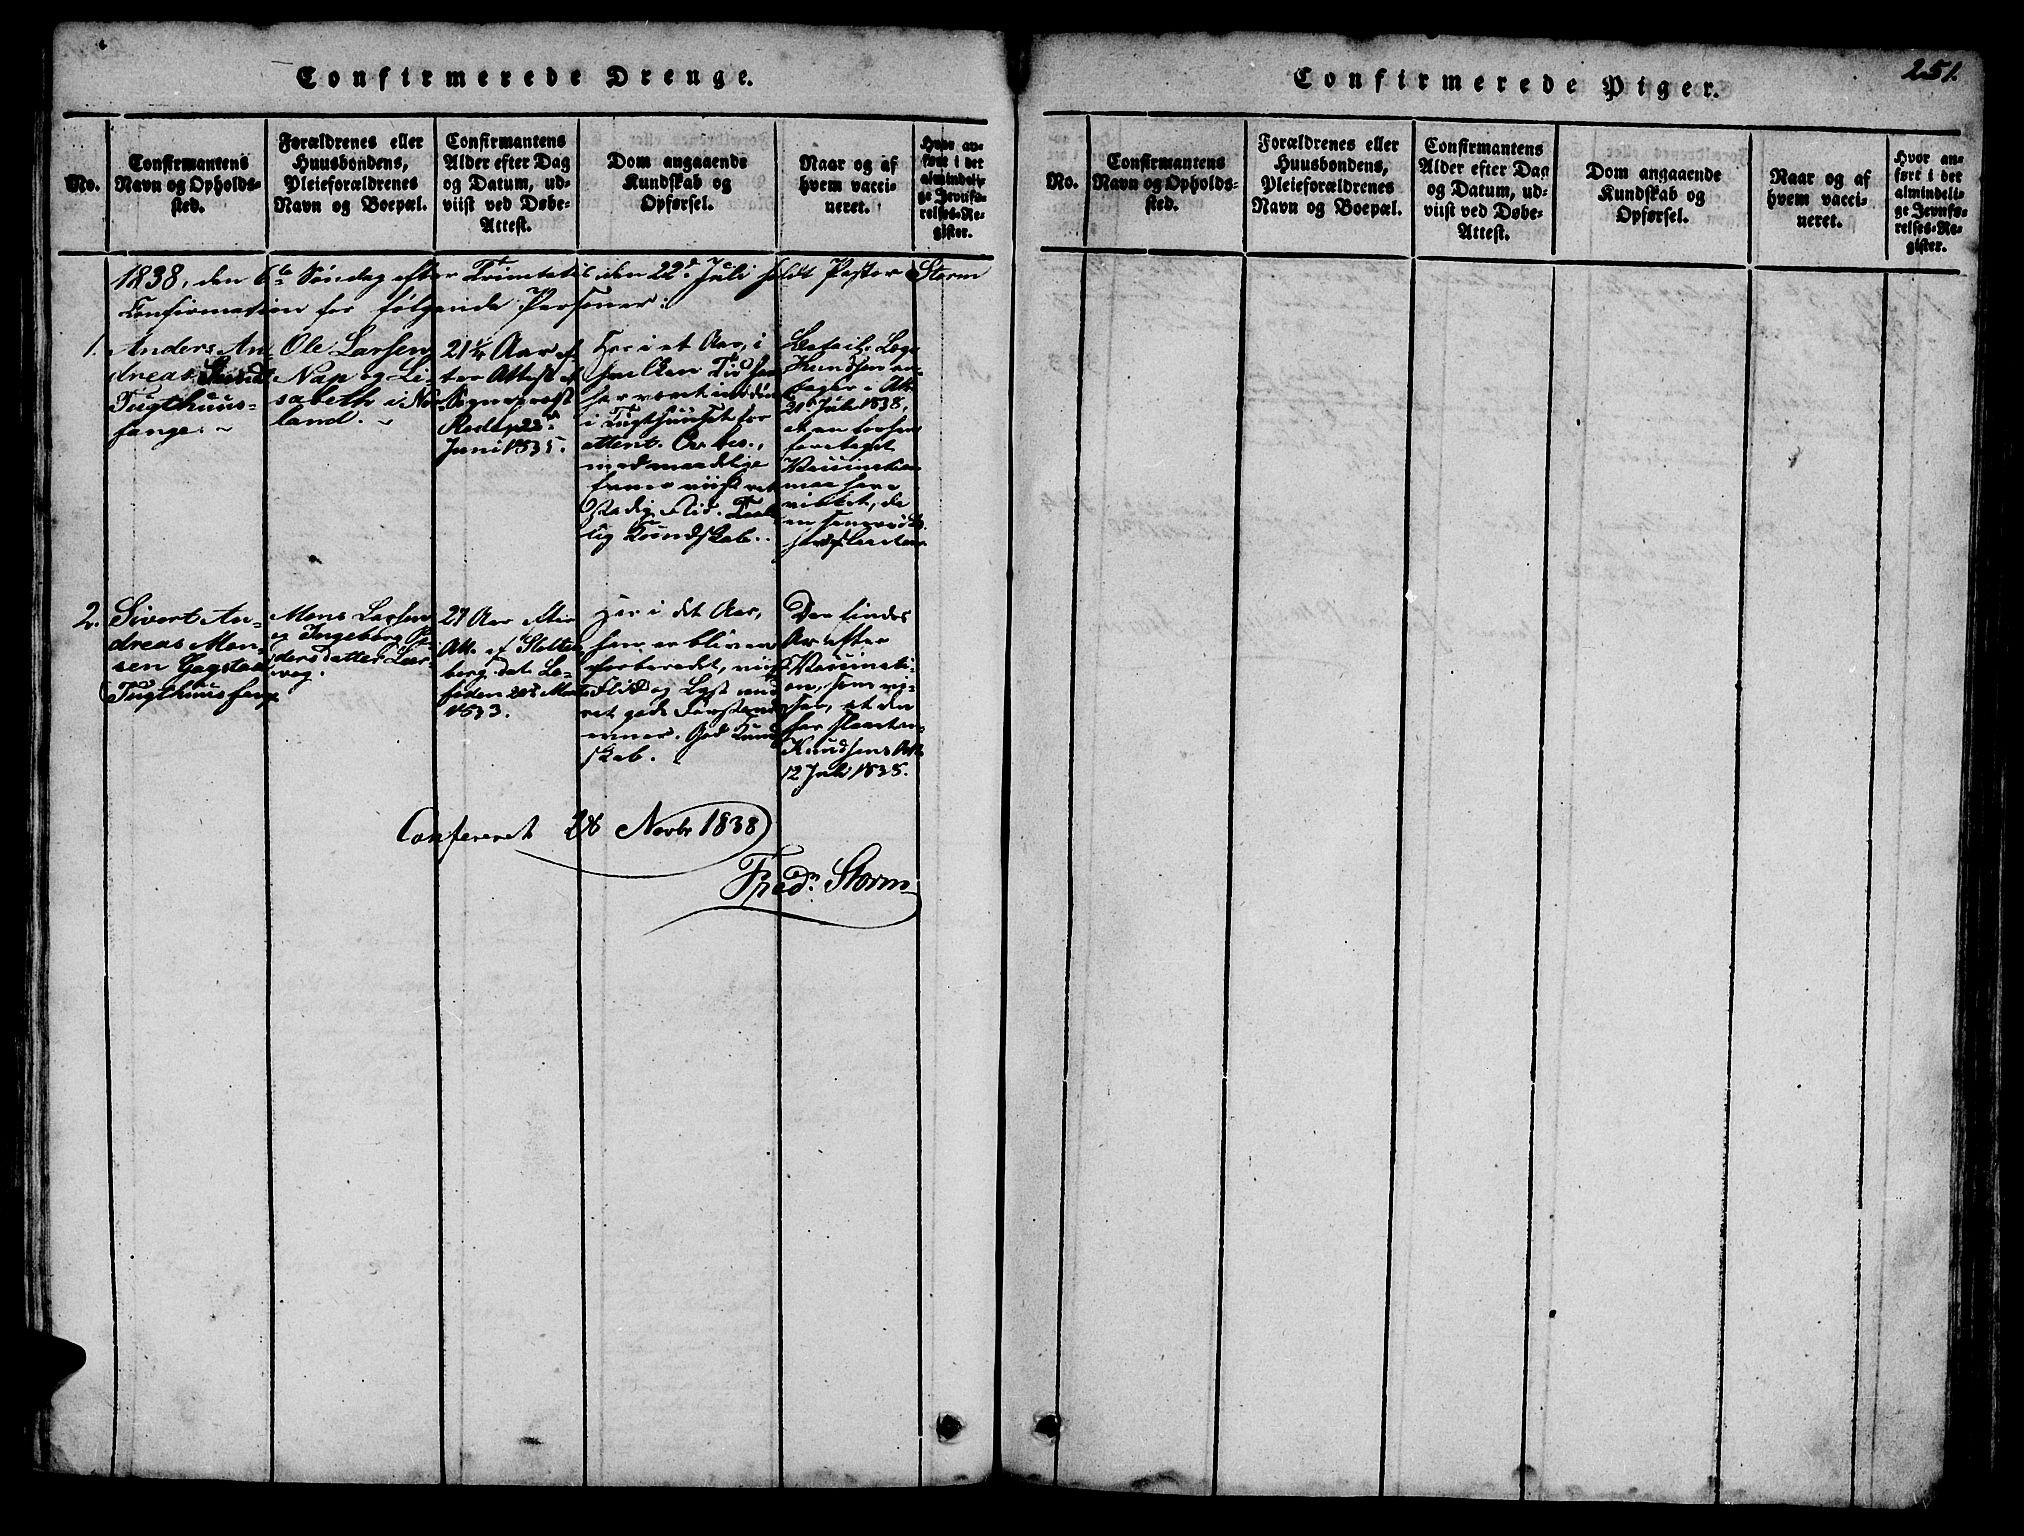 SAT, Ministerialprotokoller, klokkerbøker og fødselsregistre - Sør-Trøndelag, 623/L0478: Klokkerbok nr. 623C01, 1815-1873, s. 251